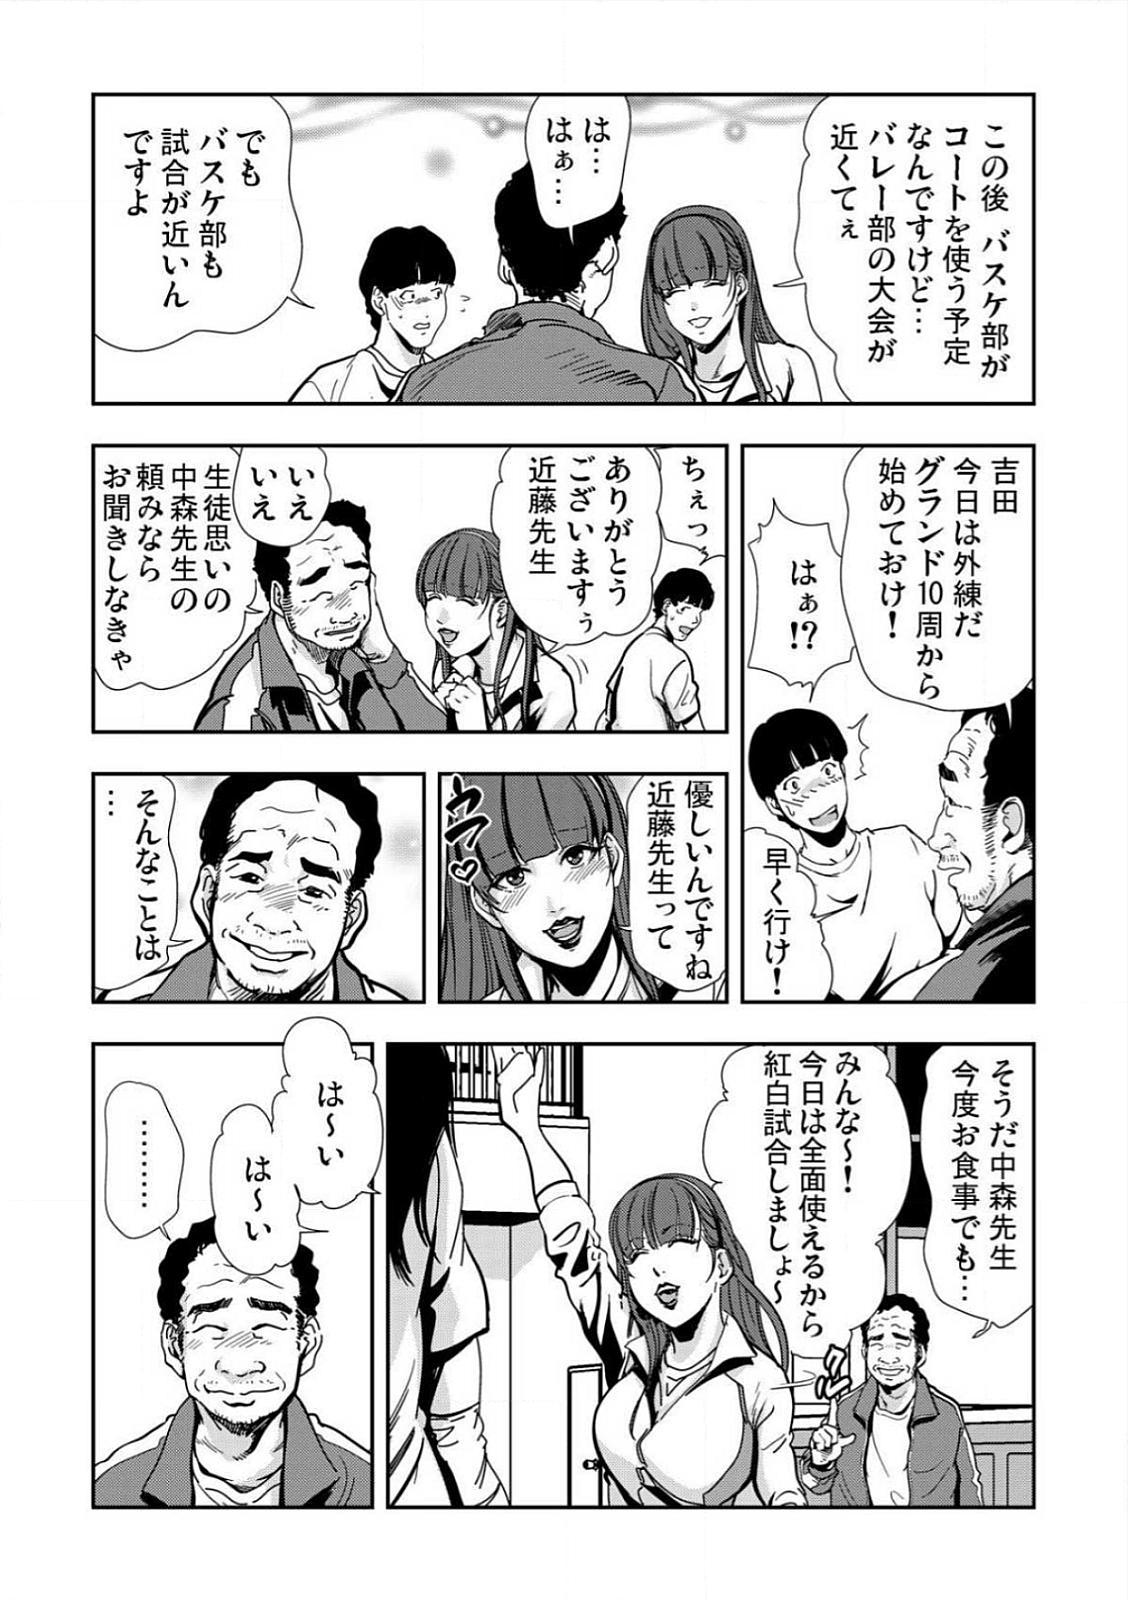 [Misaki Yukihiro] Kyousei Shidou ~Mechakucha ni Kegasarete~ (1)~(6) [Digital] 34